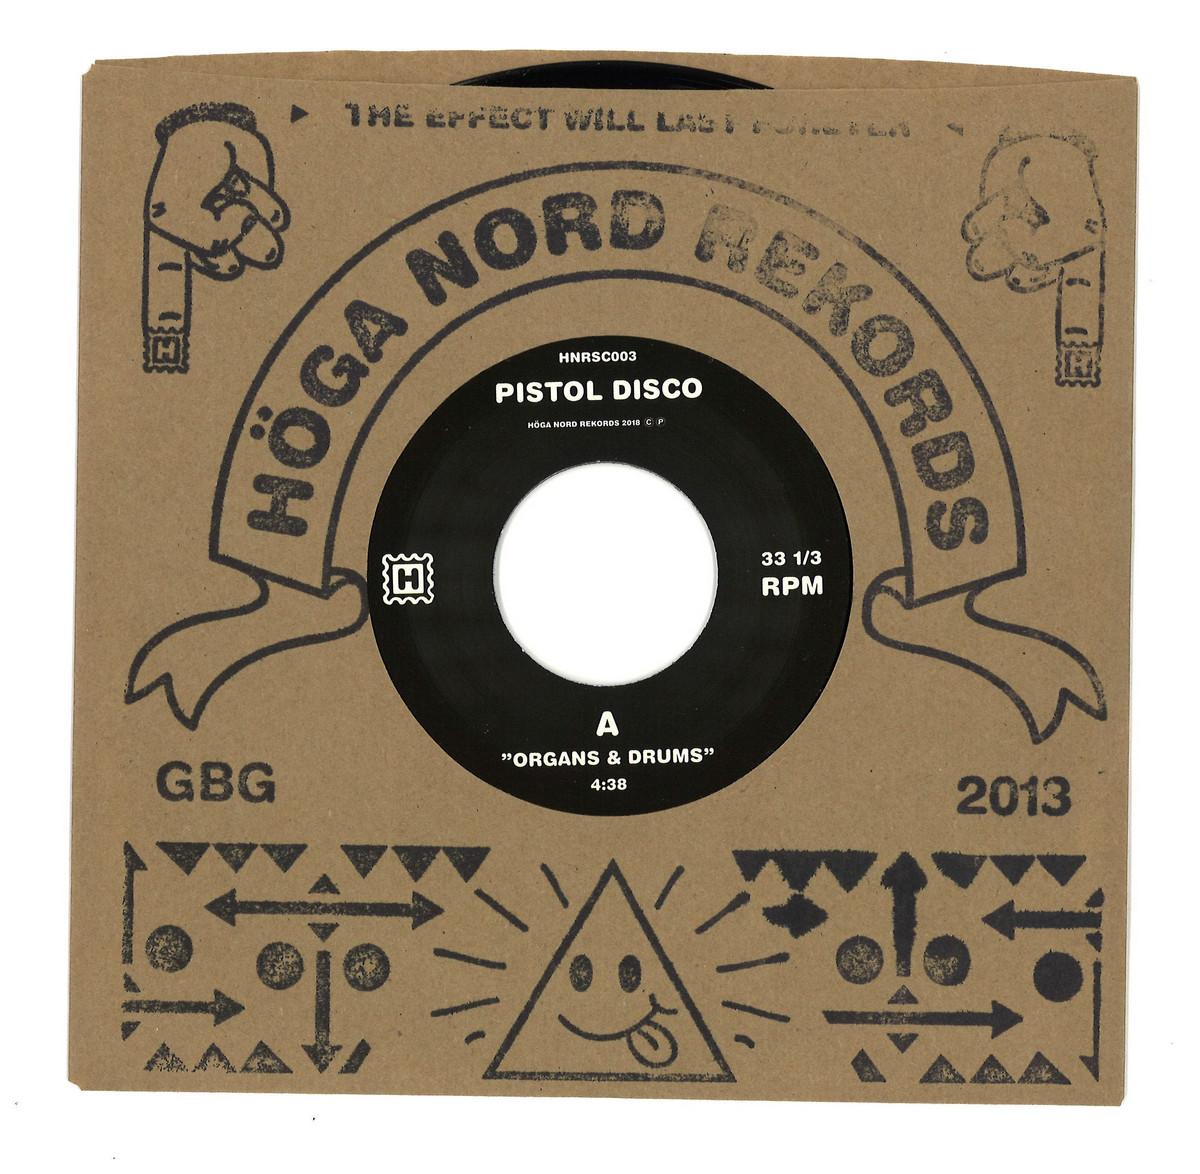 deejay de - Hoga Nord Rekords